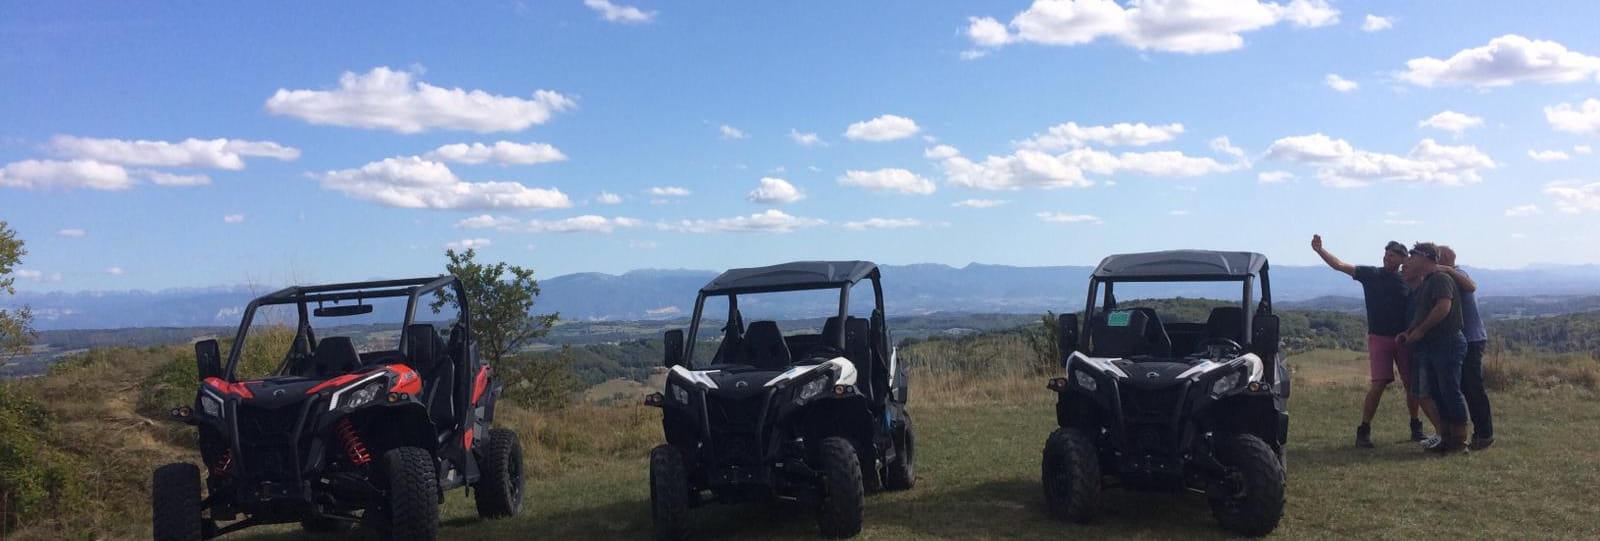 Easy buggy - Balades encadrées en buggy en Drôme des Collines